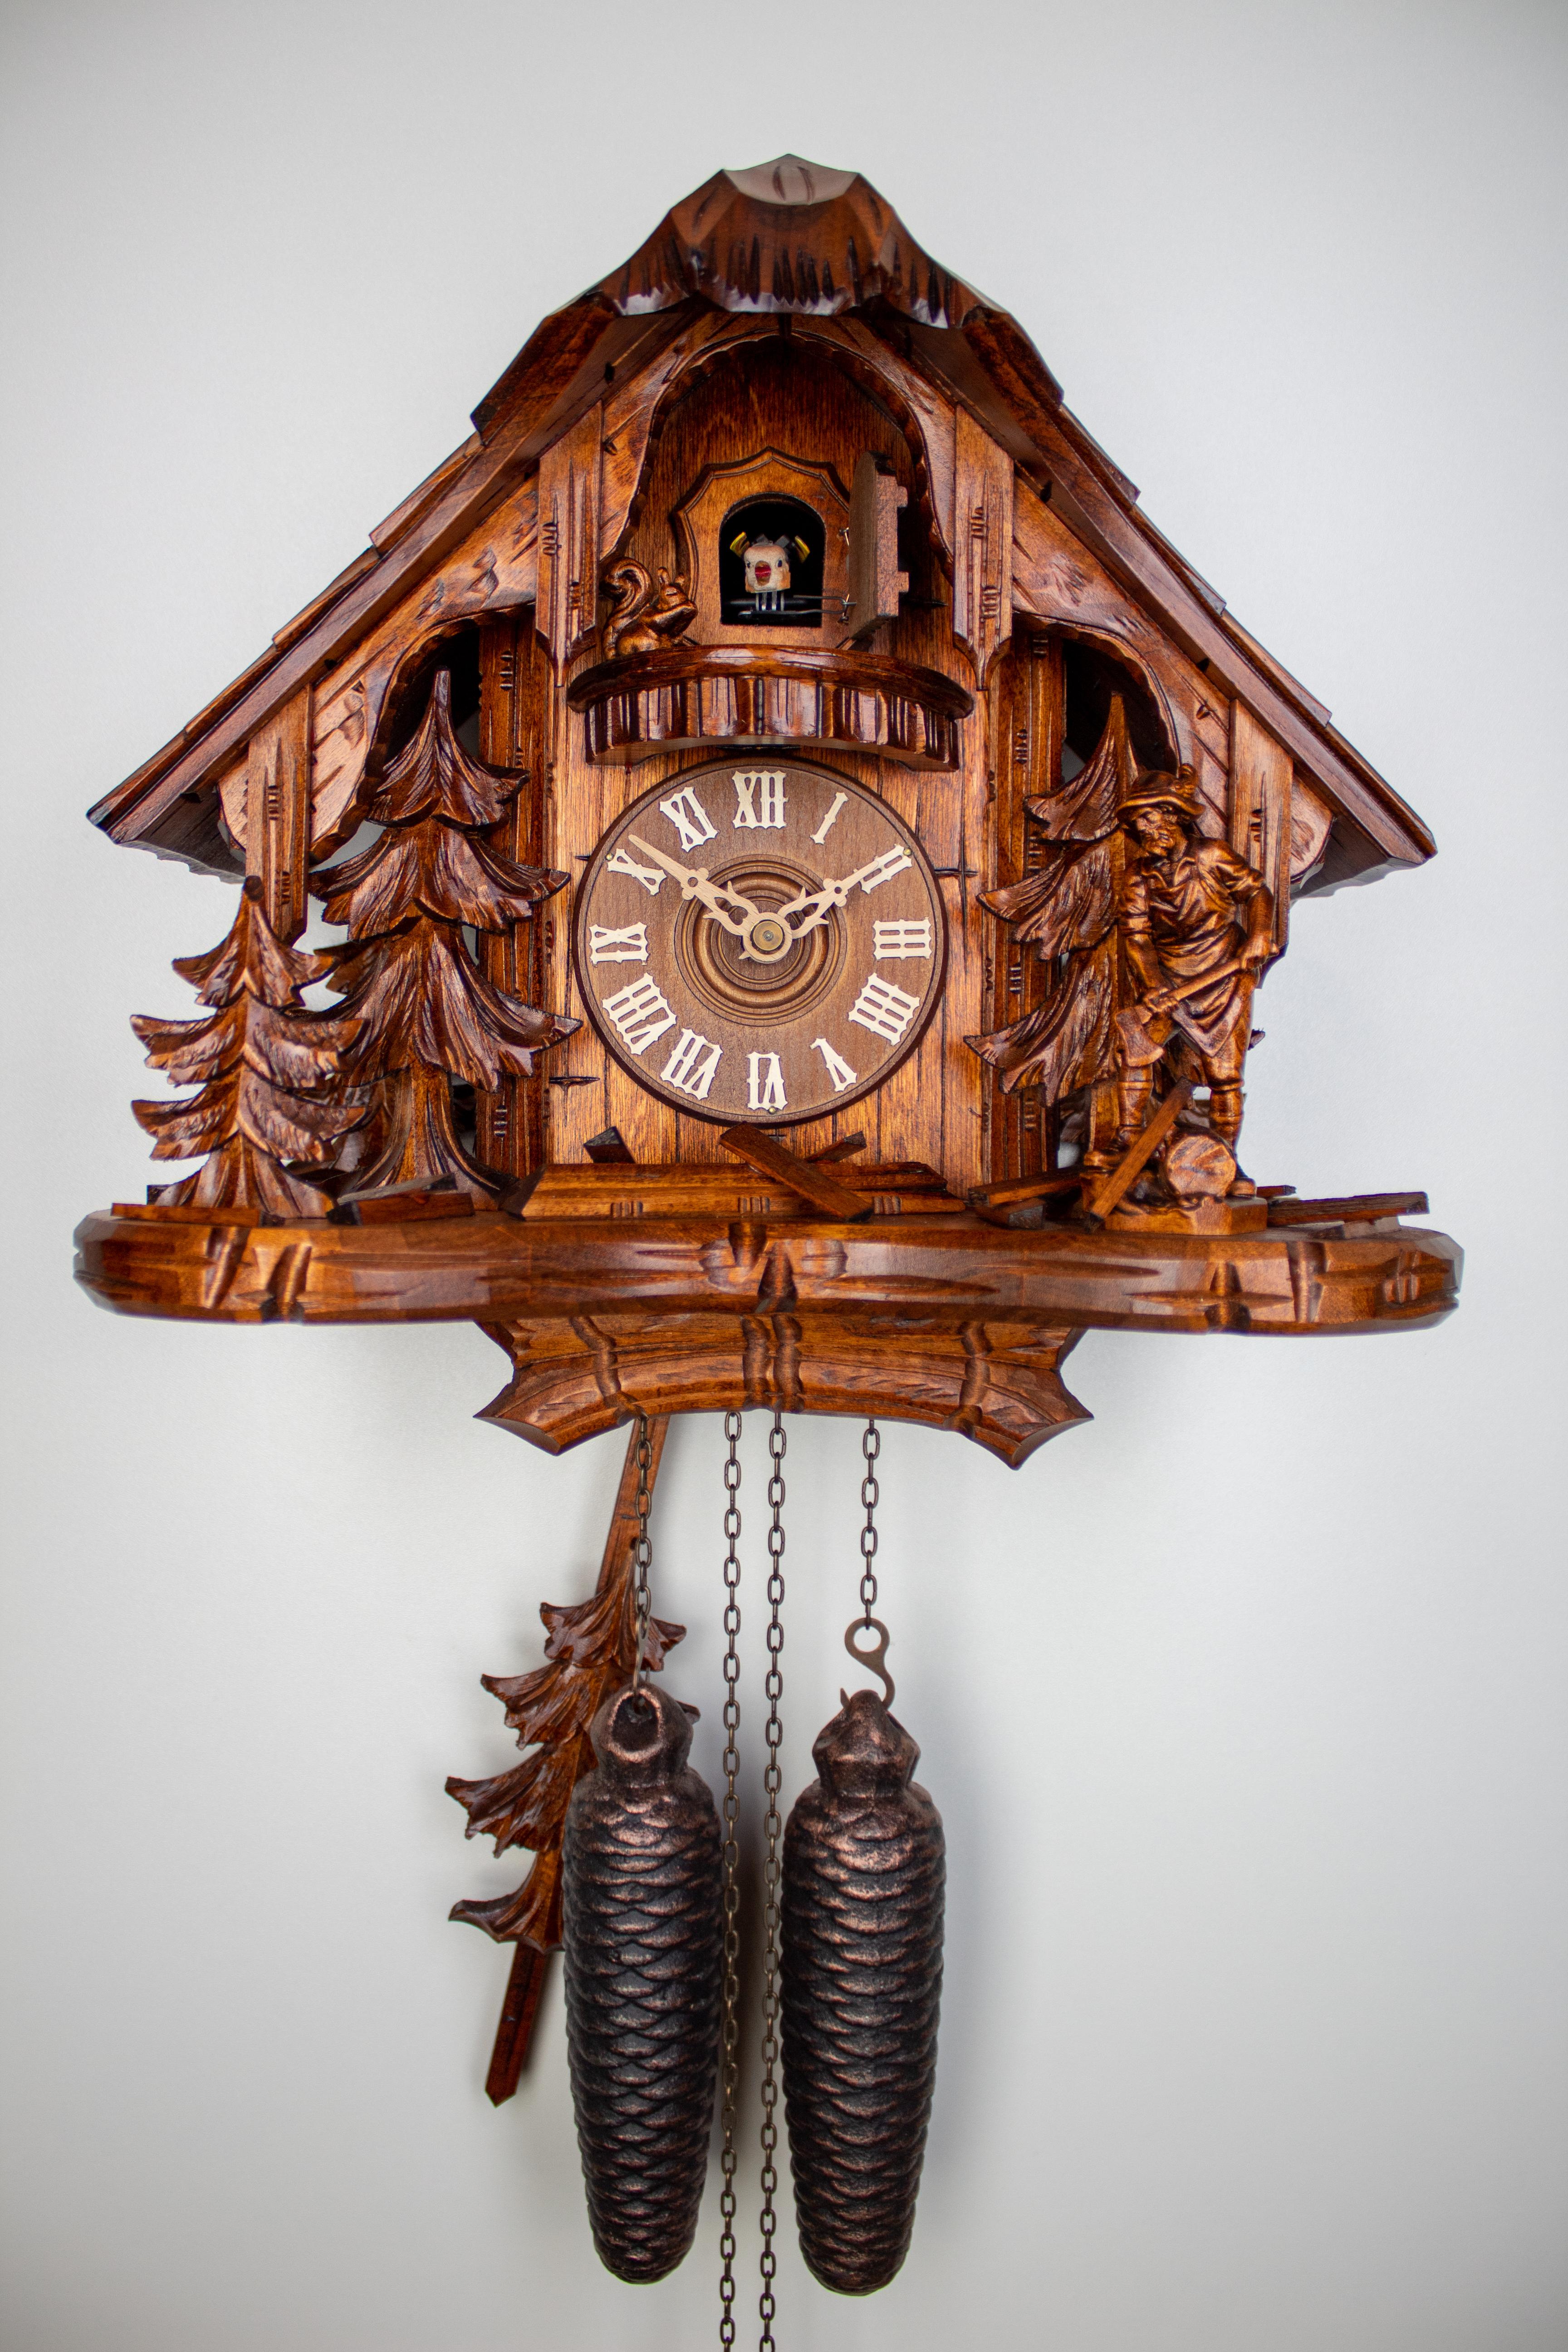 8 Tage Kuckucksuhr Schwarzwaldhaus mit Holzhacker und Eichhörnchen